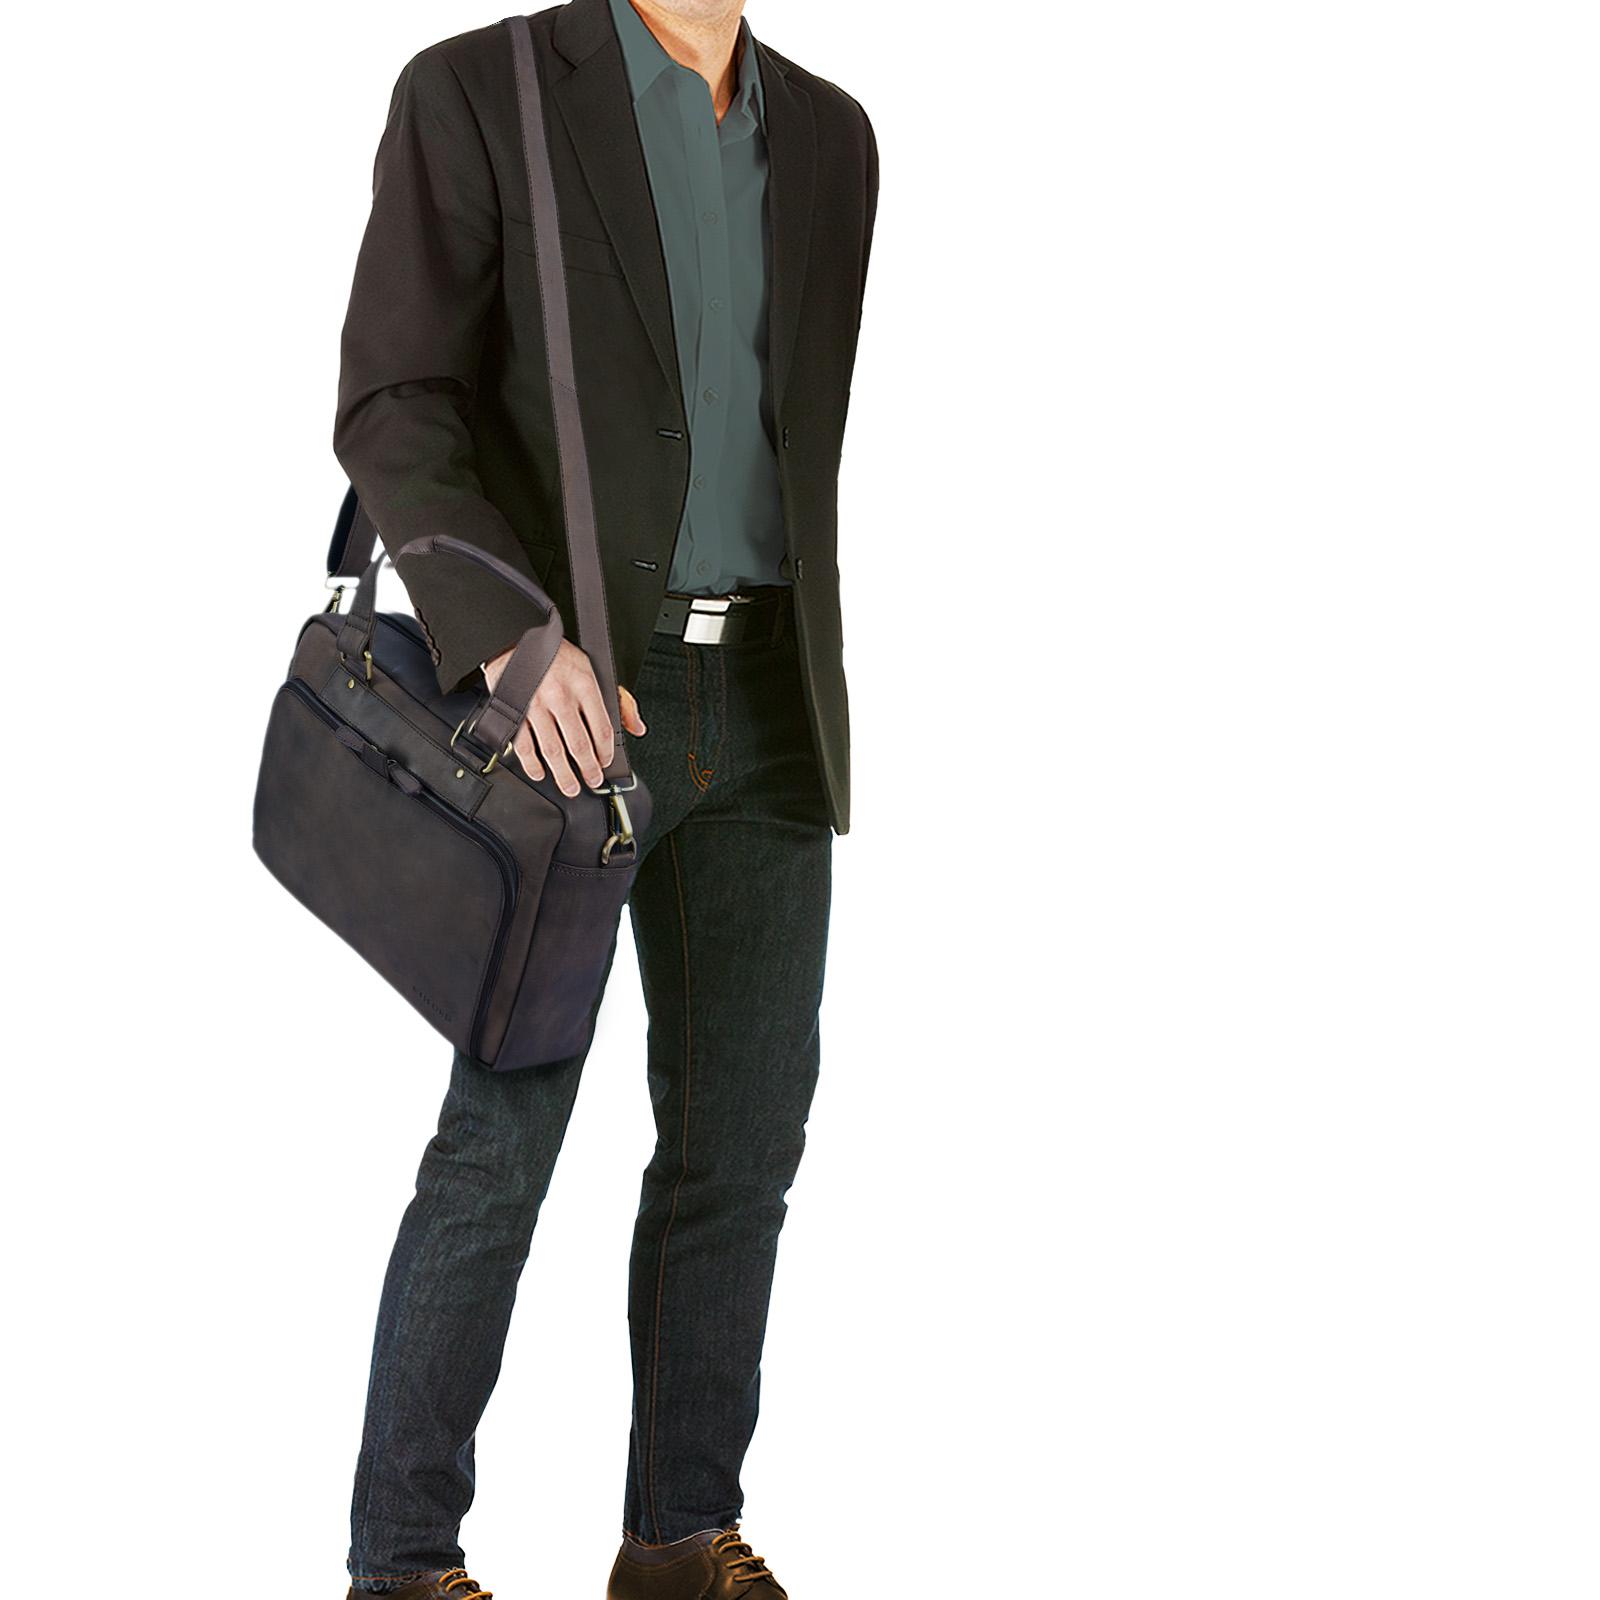 """STILORD """"Jon"""" Vintage Leder Umhängetasche Herren Damen Laptoptasche 15.6 Zoll für große DIN A4 Aktenordner Business Büro Arbeit Uni echtes Büffelleder - Bild 8"""